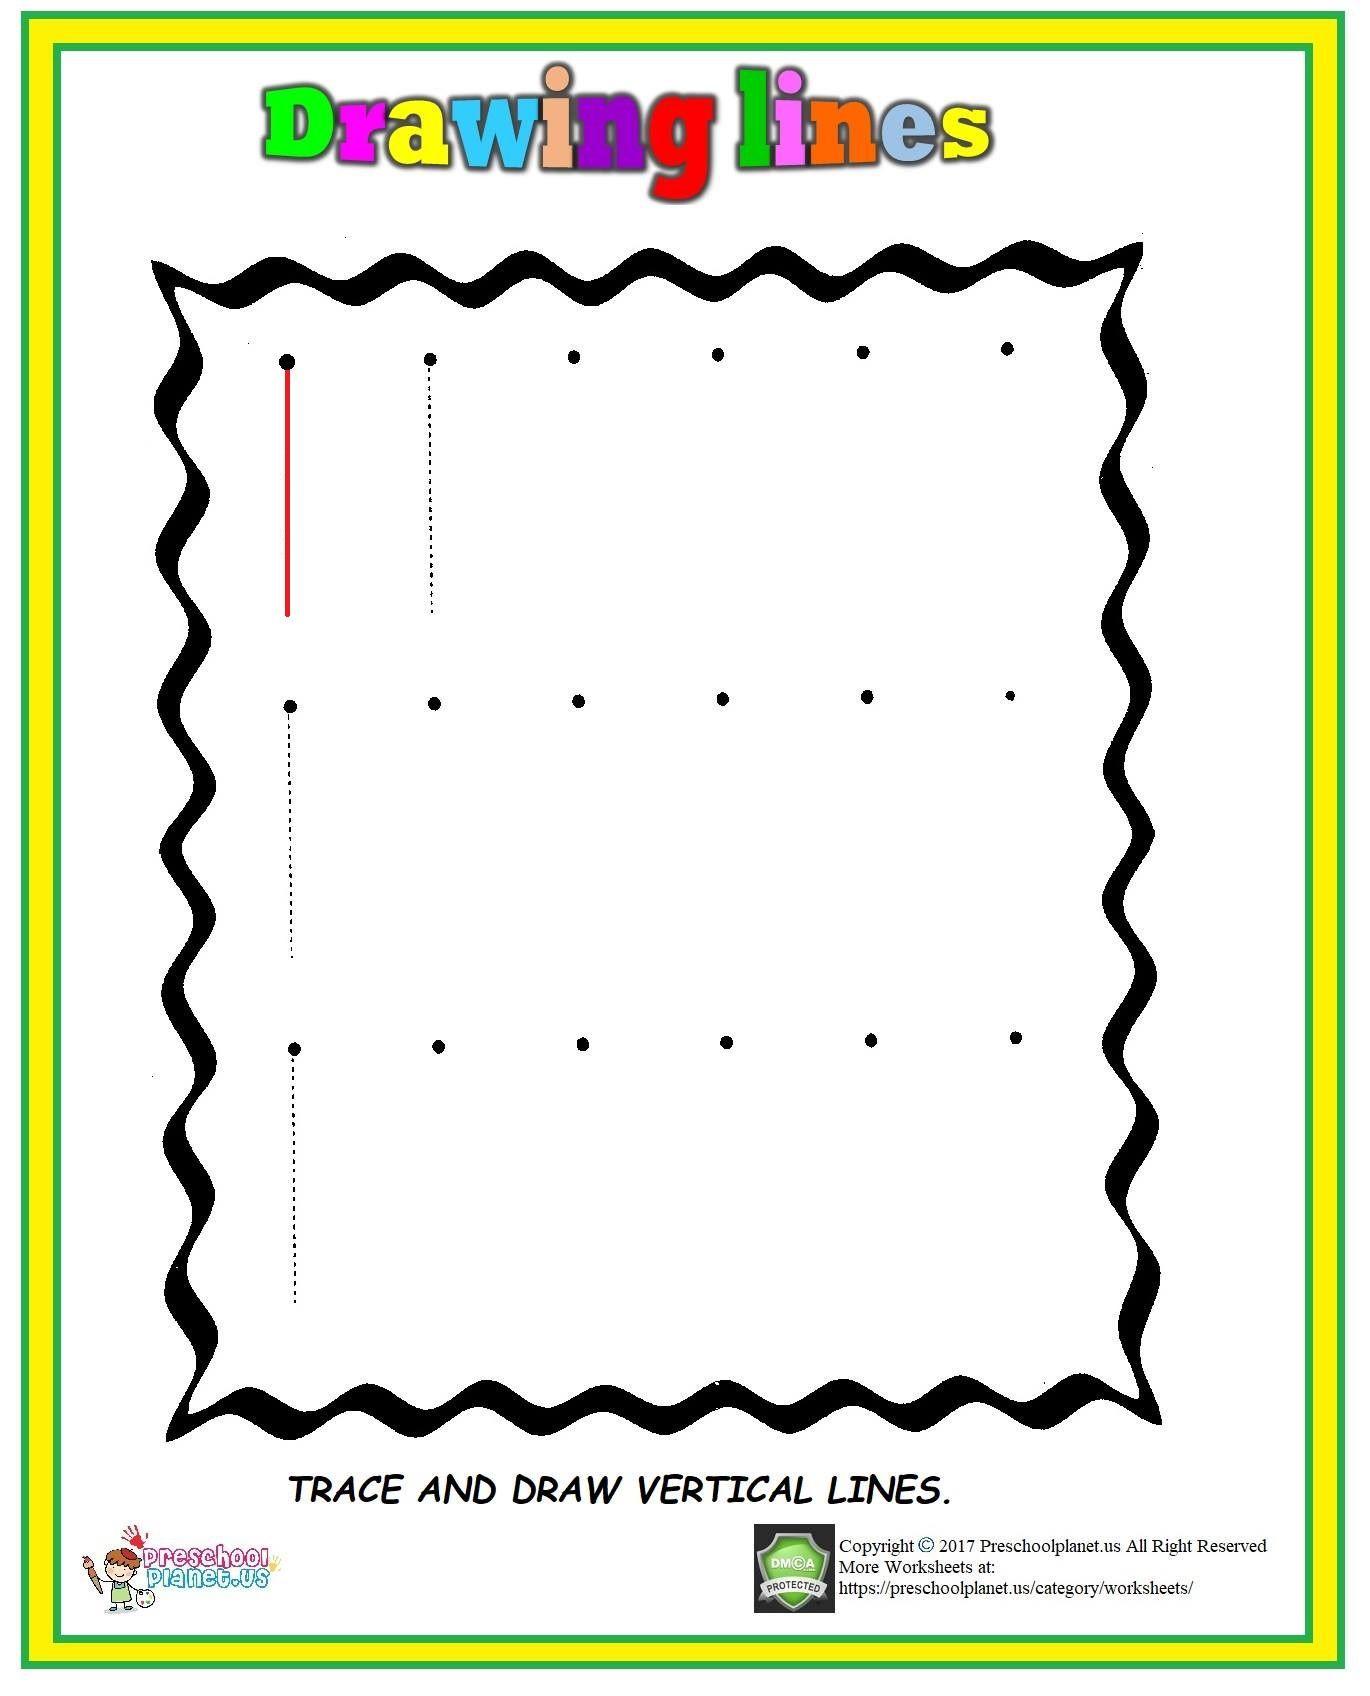 Horizontal and Vertical Lines Worksheet Vertical Line Worksheet